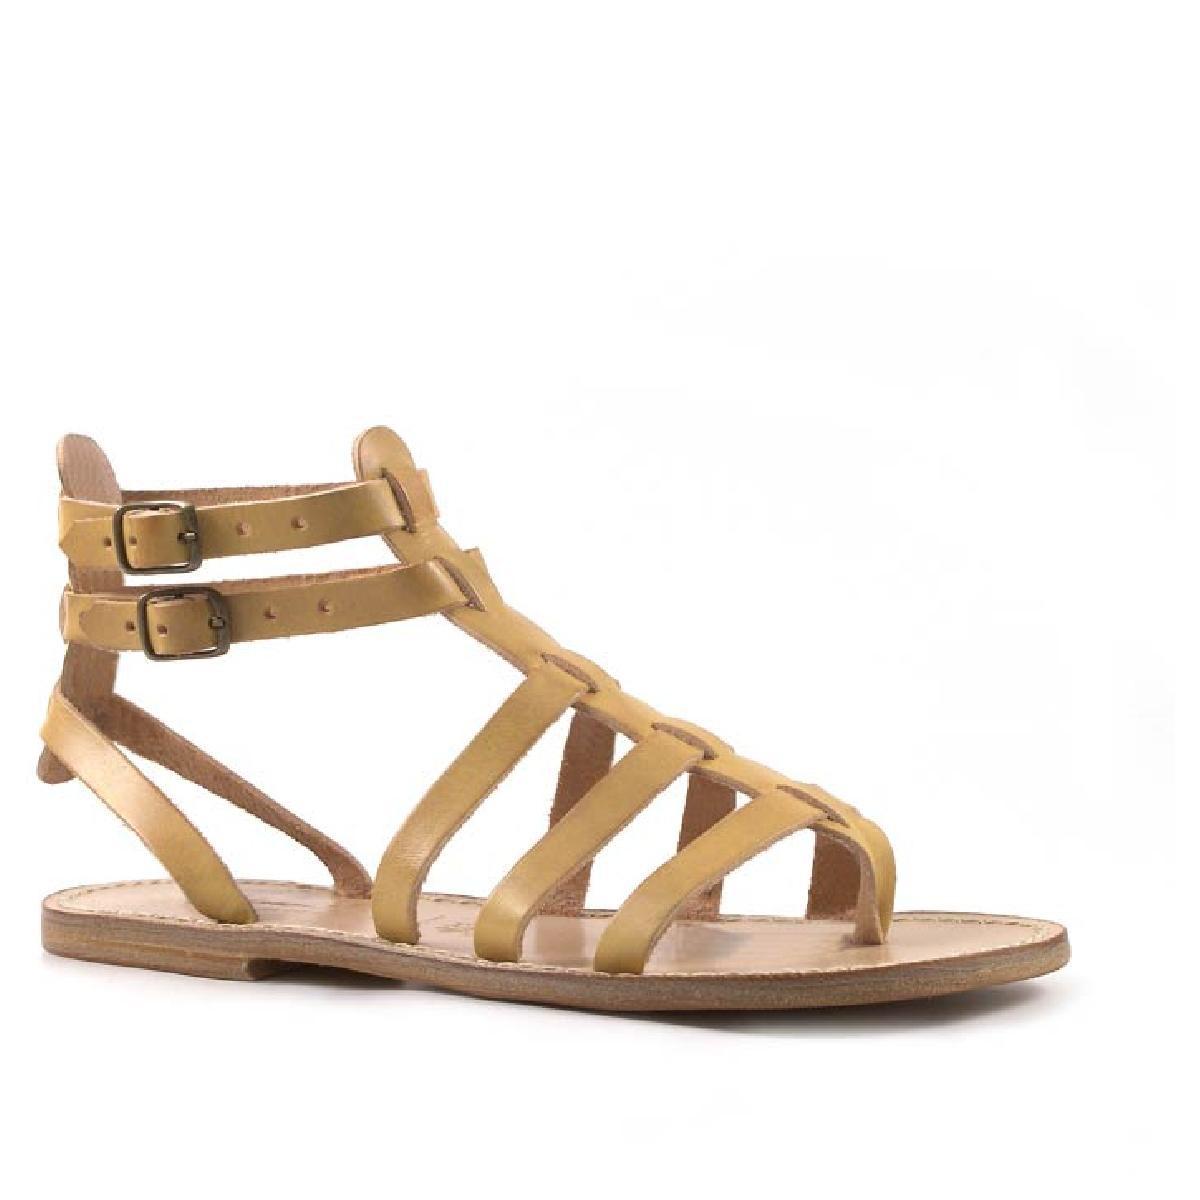 sandali gladiatore fatti a mano in italia in pelle colore avorio - Sandale Colore